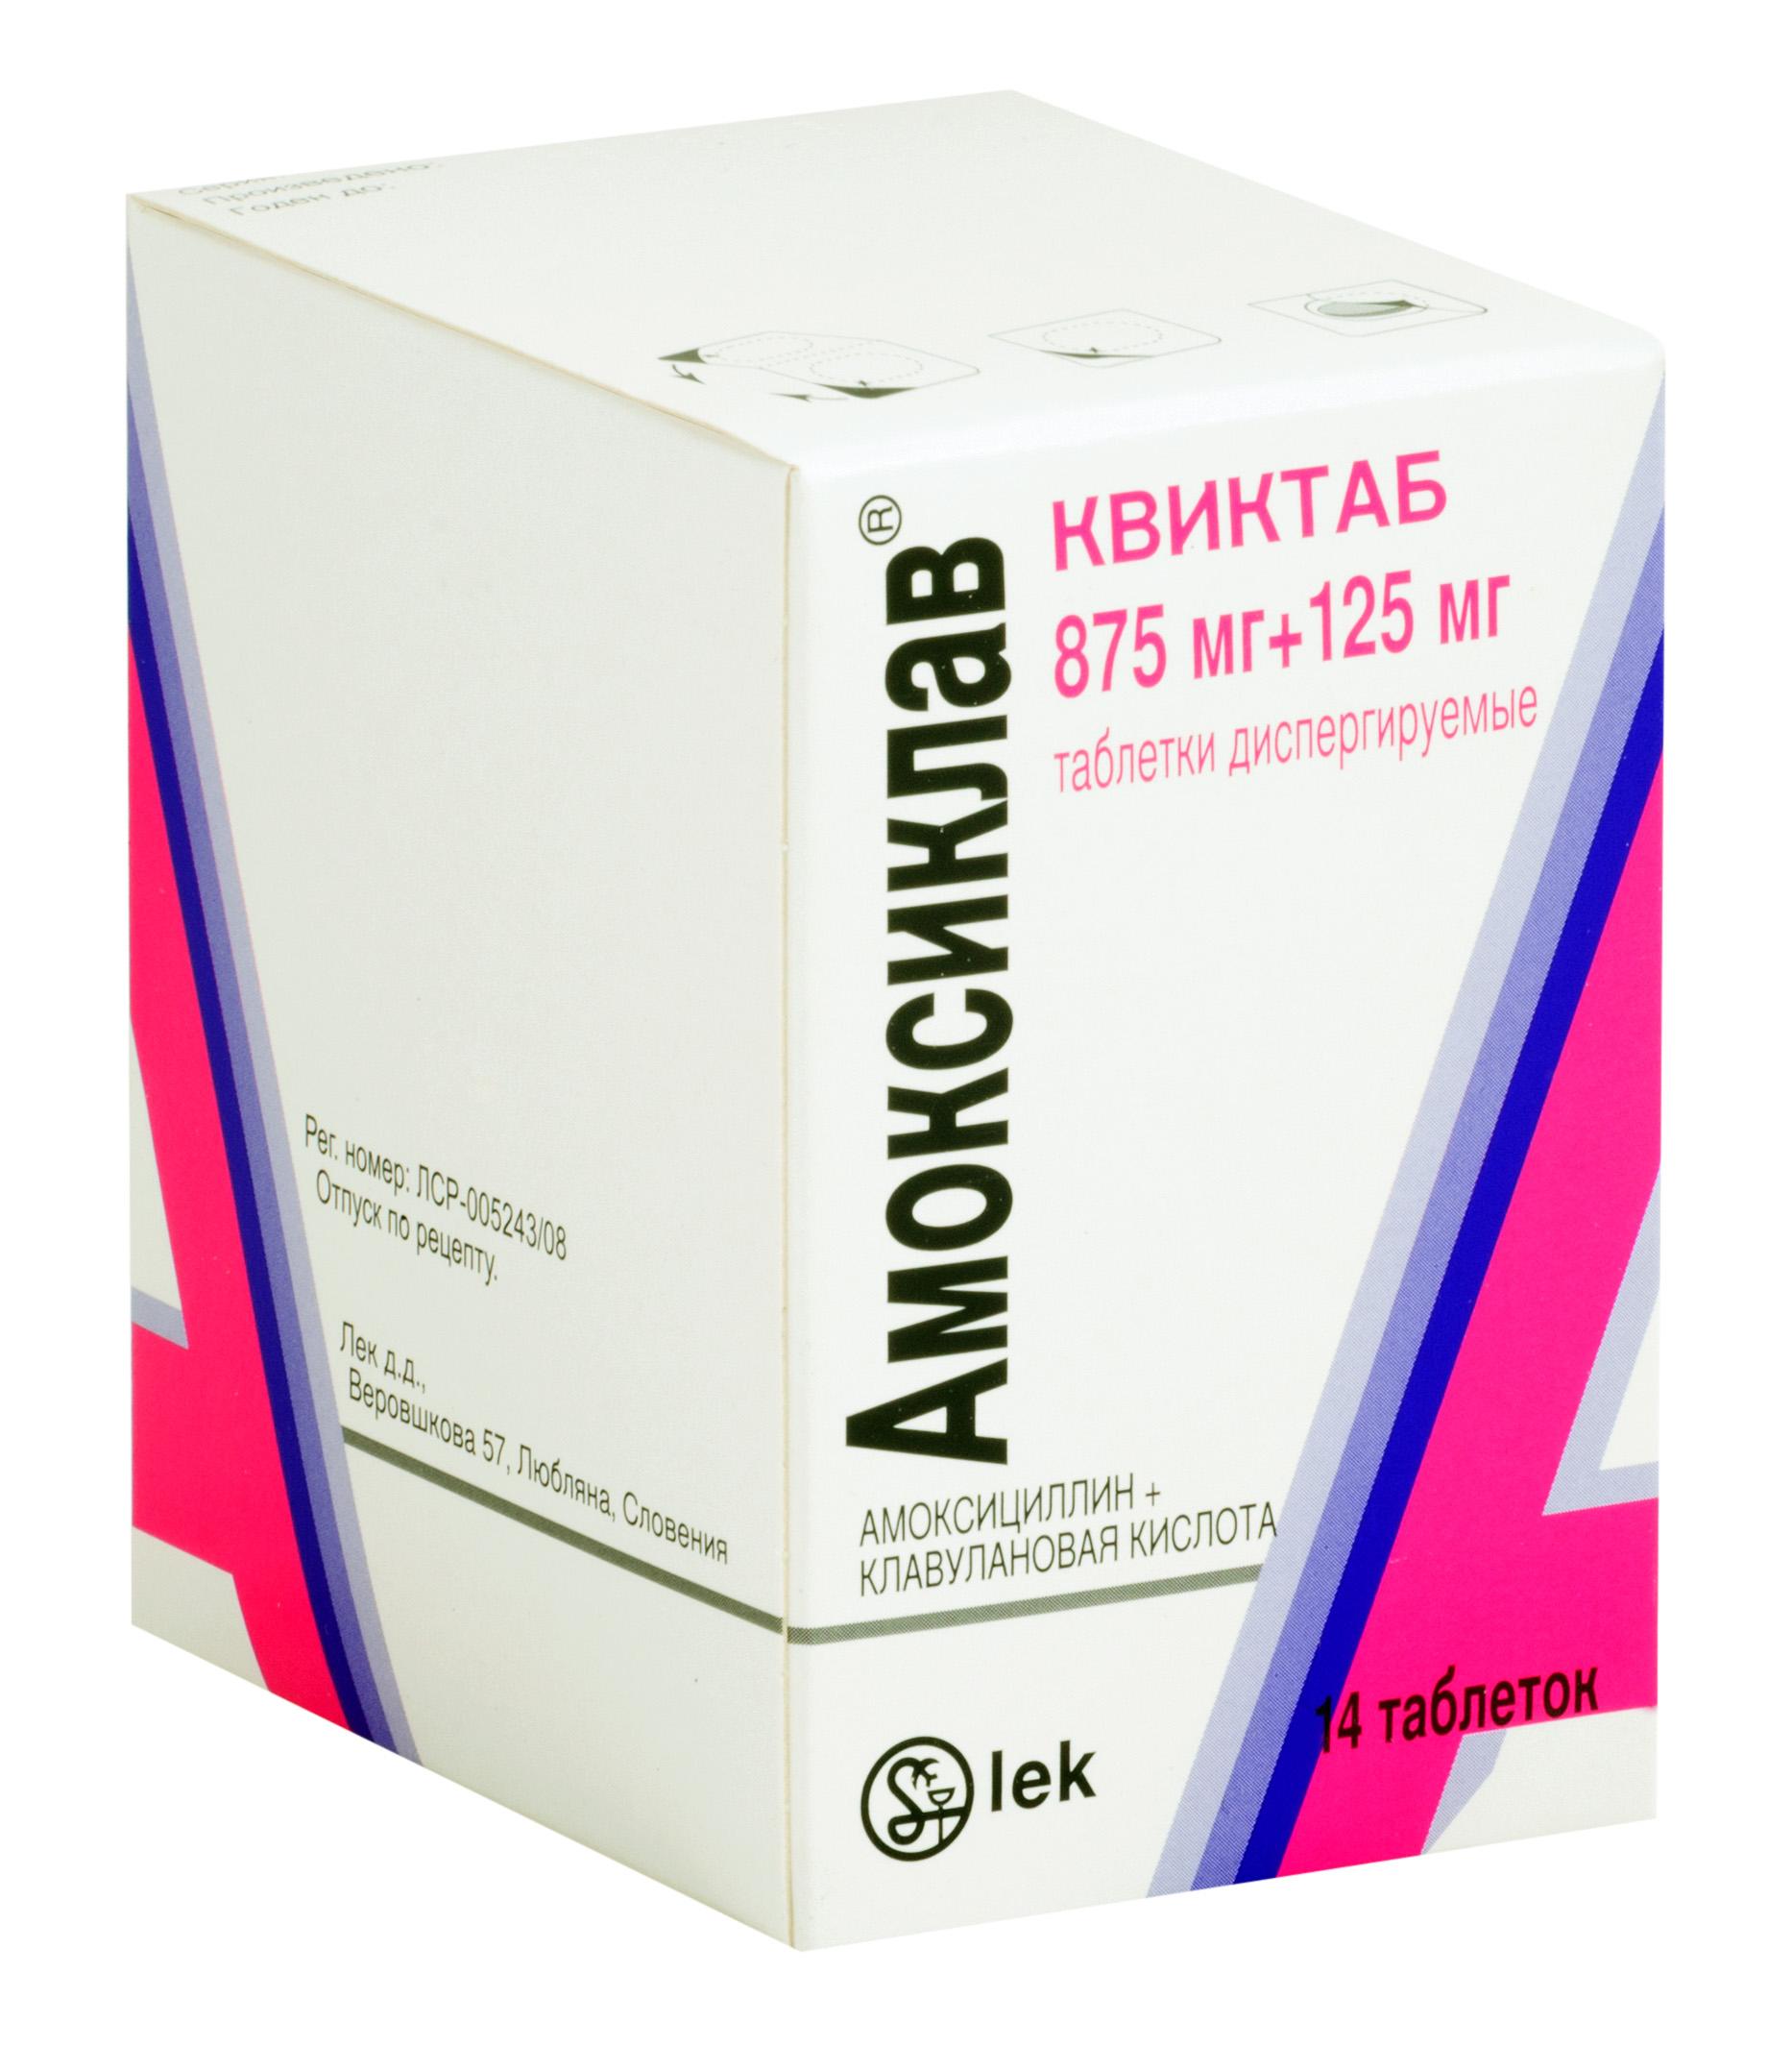 Амоксиклав Квиктаб табл. дисперг. 875 мг + 125 мг №14